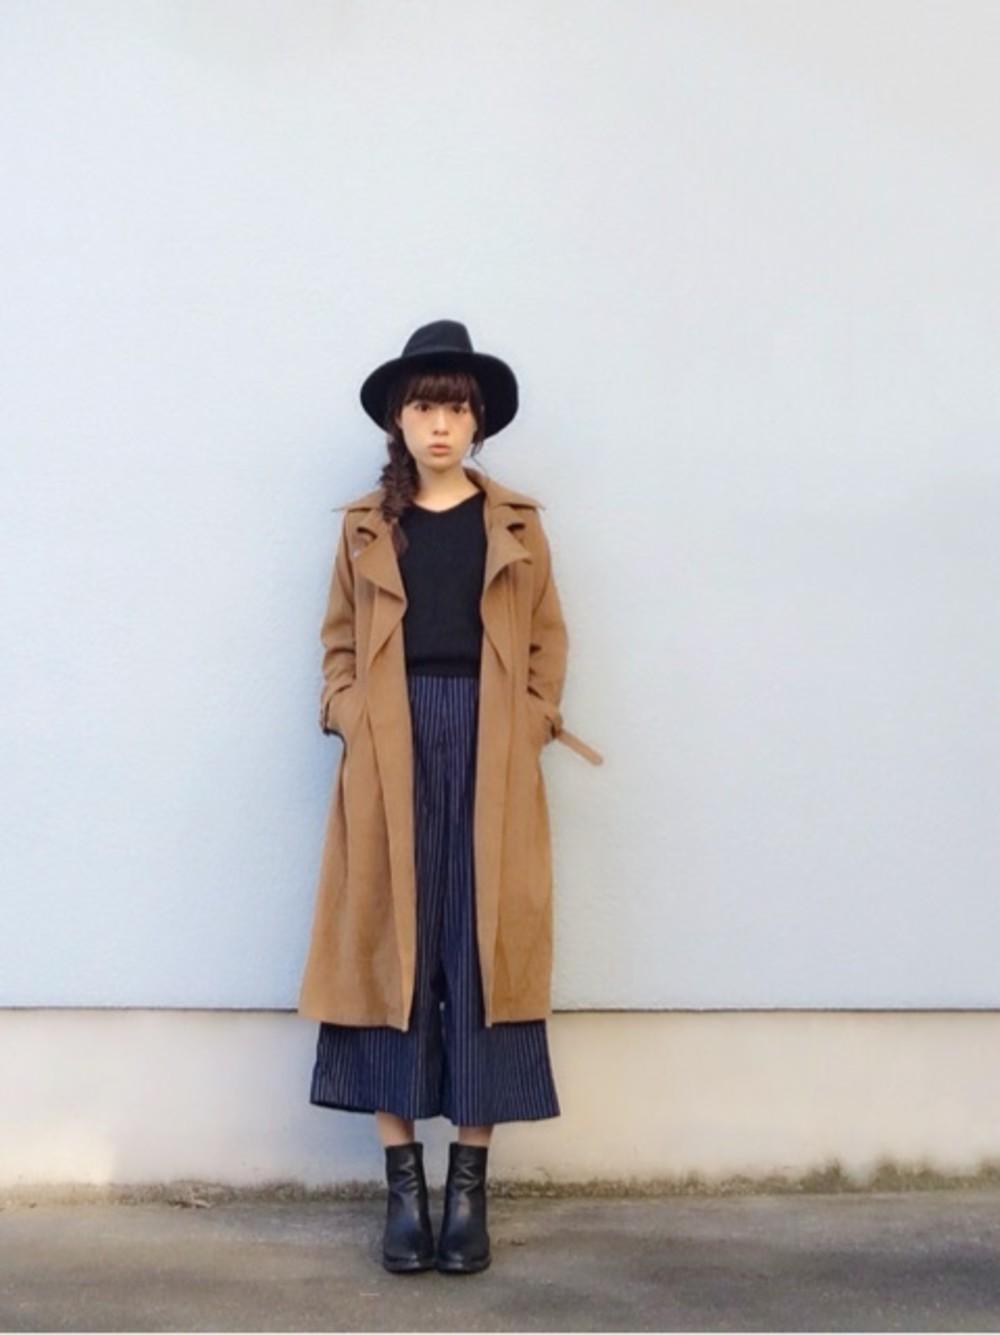 【コーデ特集】レディースの冬服をおしゃれにコーデしよう♡のサムネイル画像